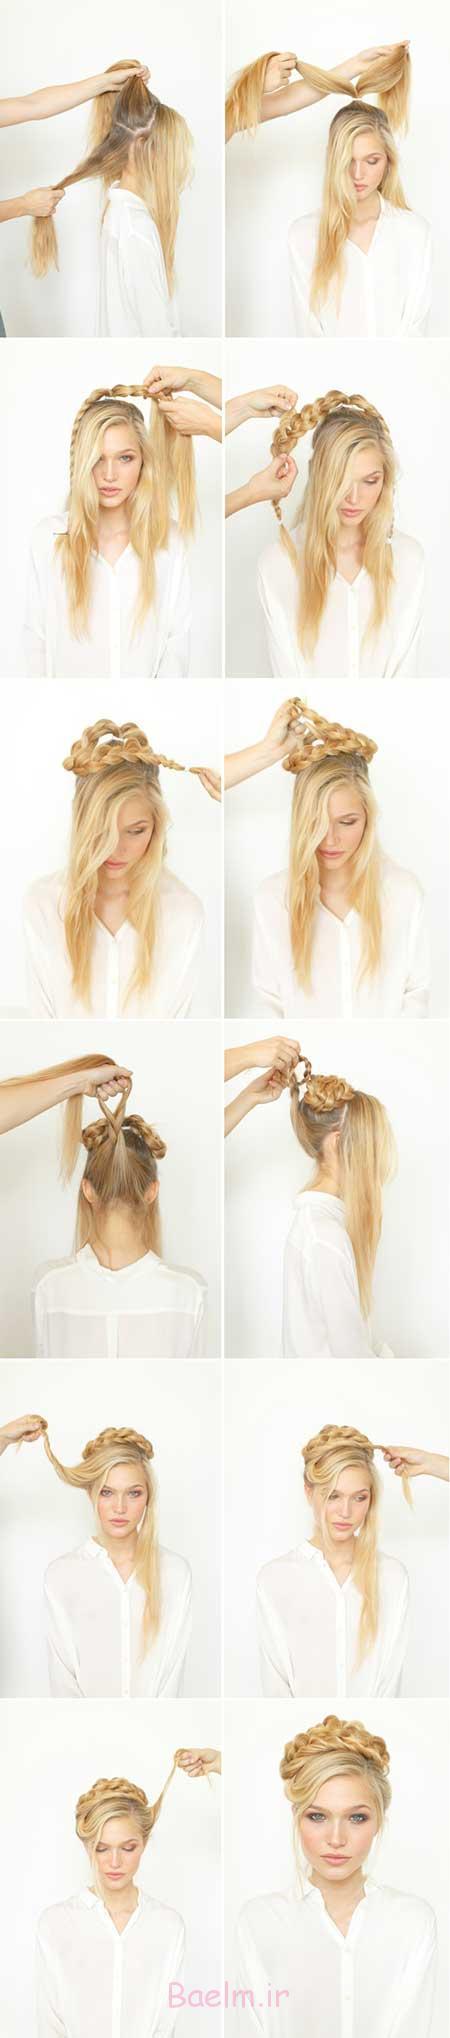 دانلود آموزش بافت مو, دانلود رایگان آموزش بافت مو, آموزش بافت مو